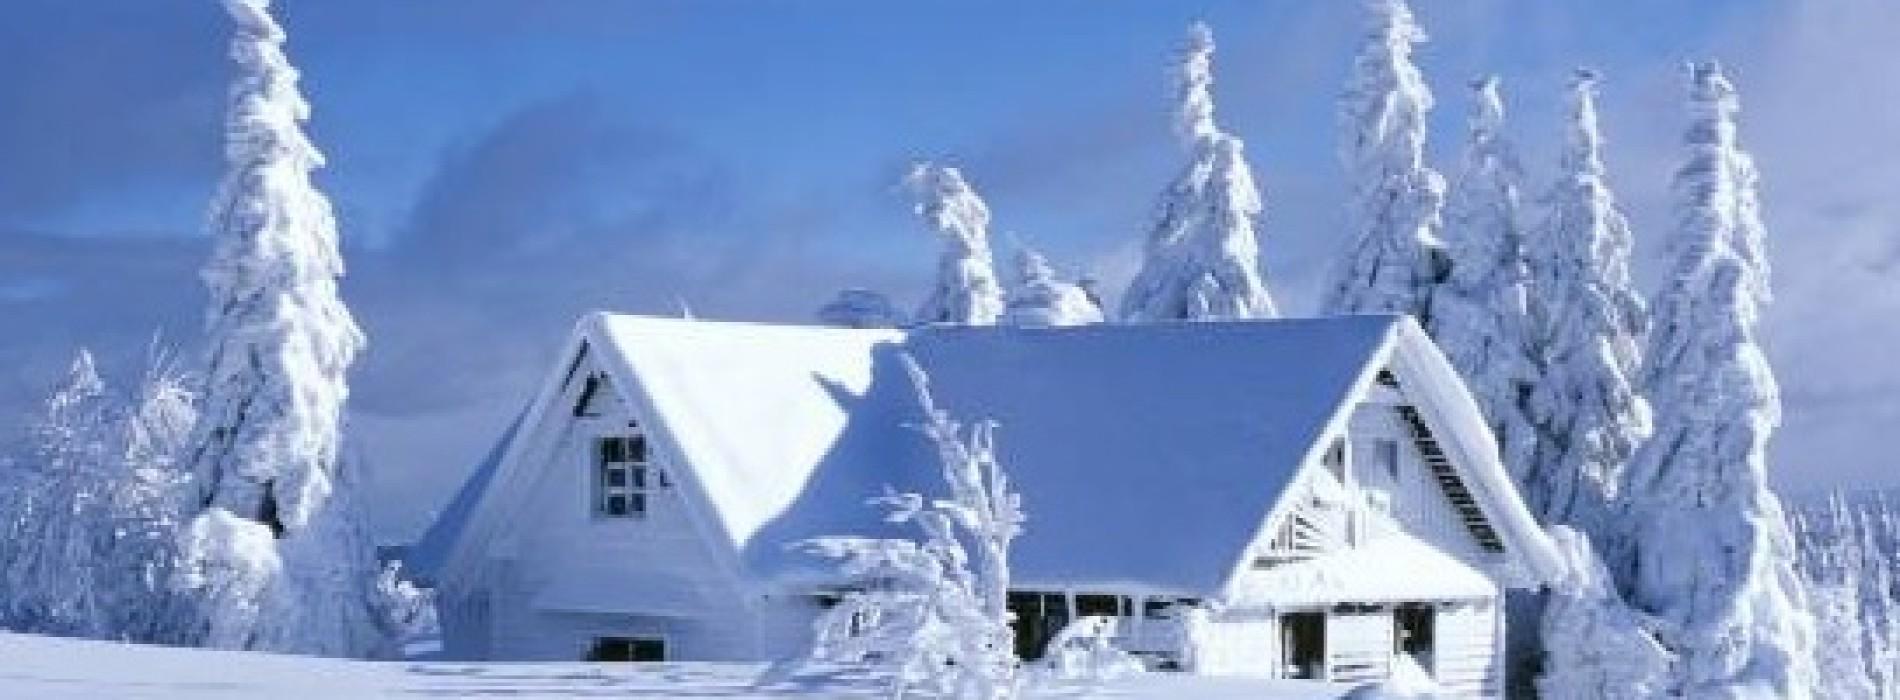 Jak zachować zdrowie i dobre samopoczucie zimą?